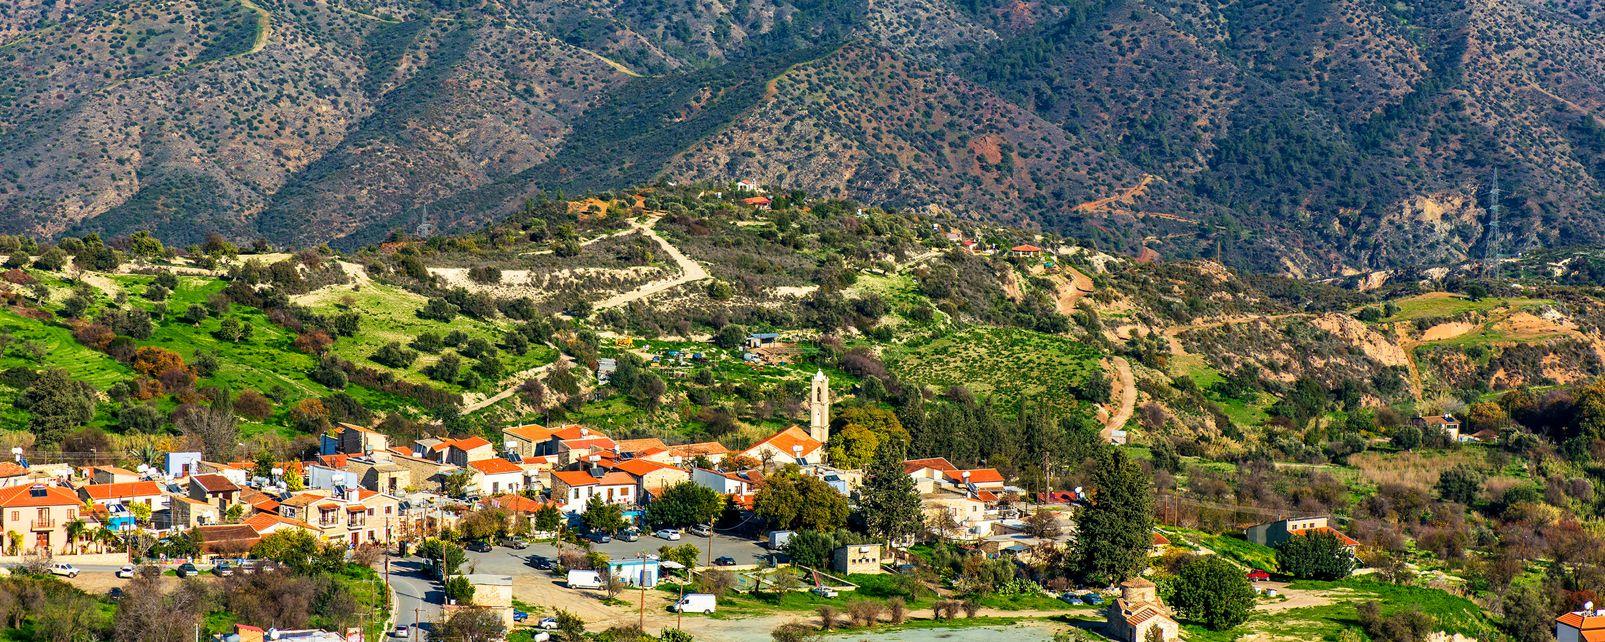 La chaîne des Troodos , Les montagnes des Troodos , Chypre